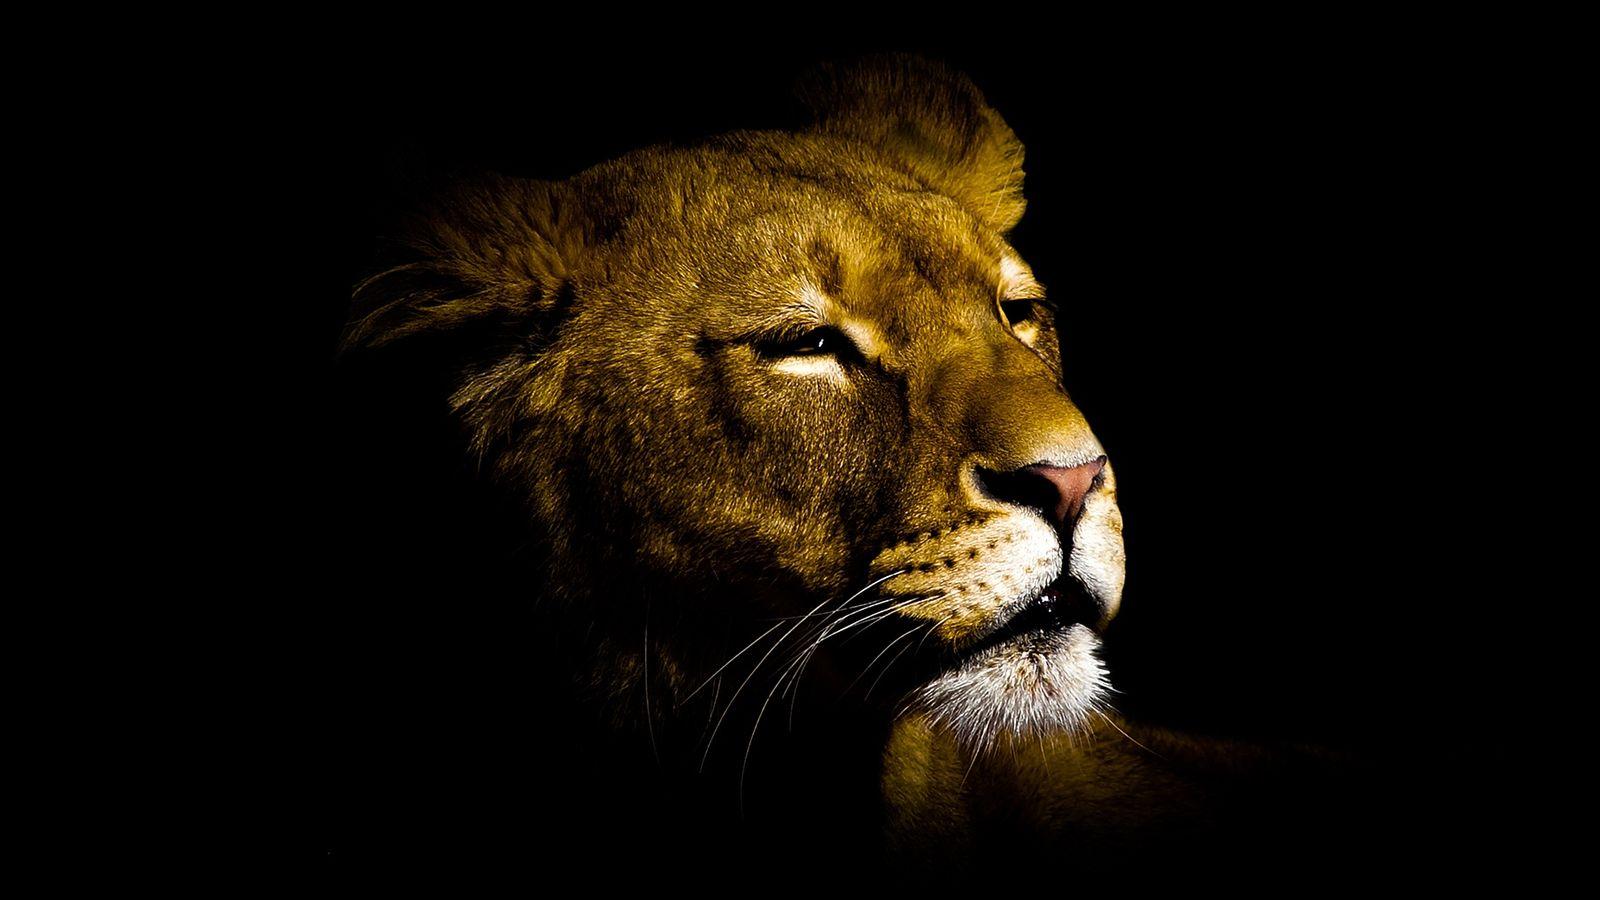 Lion fond ecran rj03 jornalagora for Fond ecran free